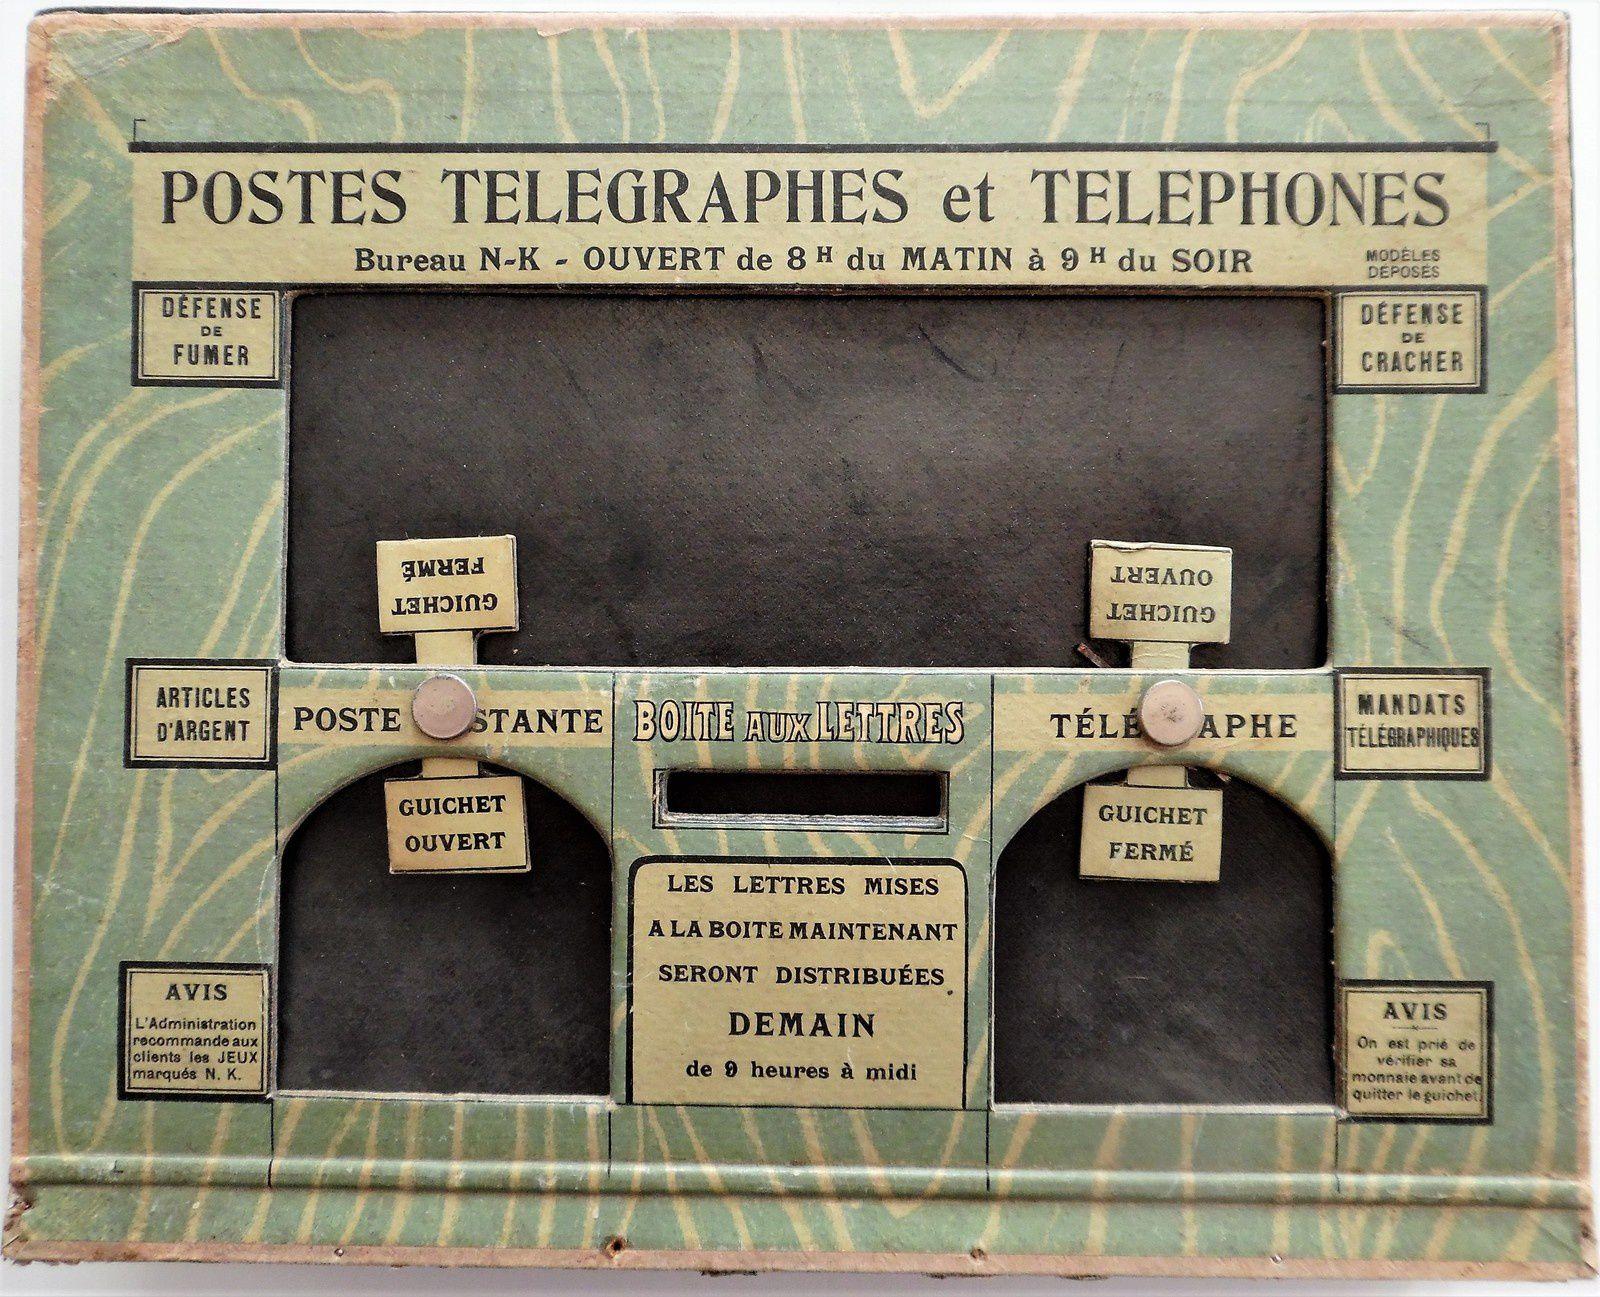 Postes,télégraphes et téléphones, bureau de poste NK Atlas